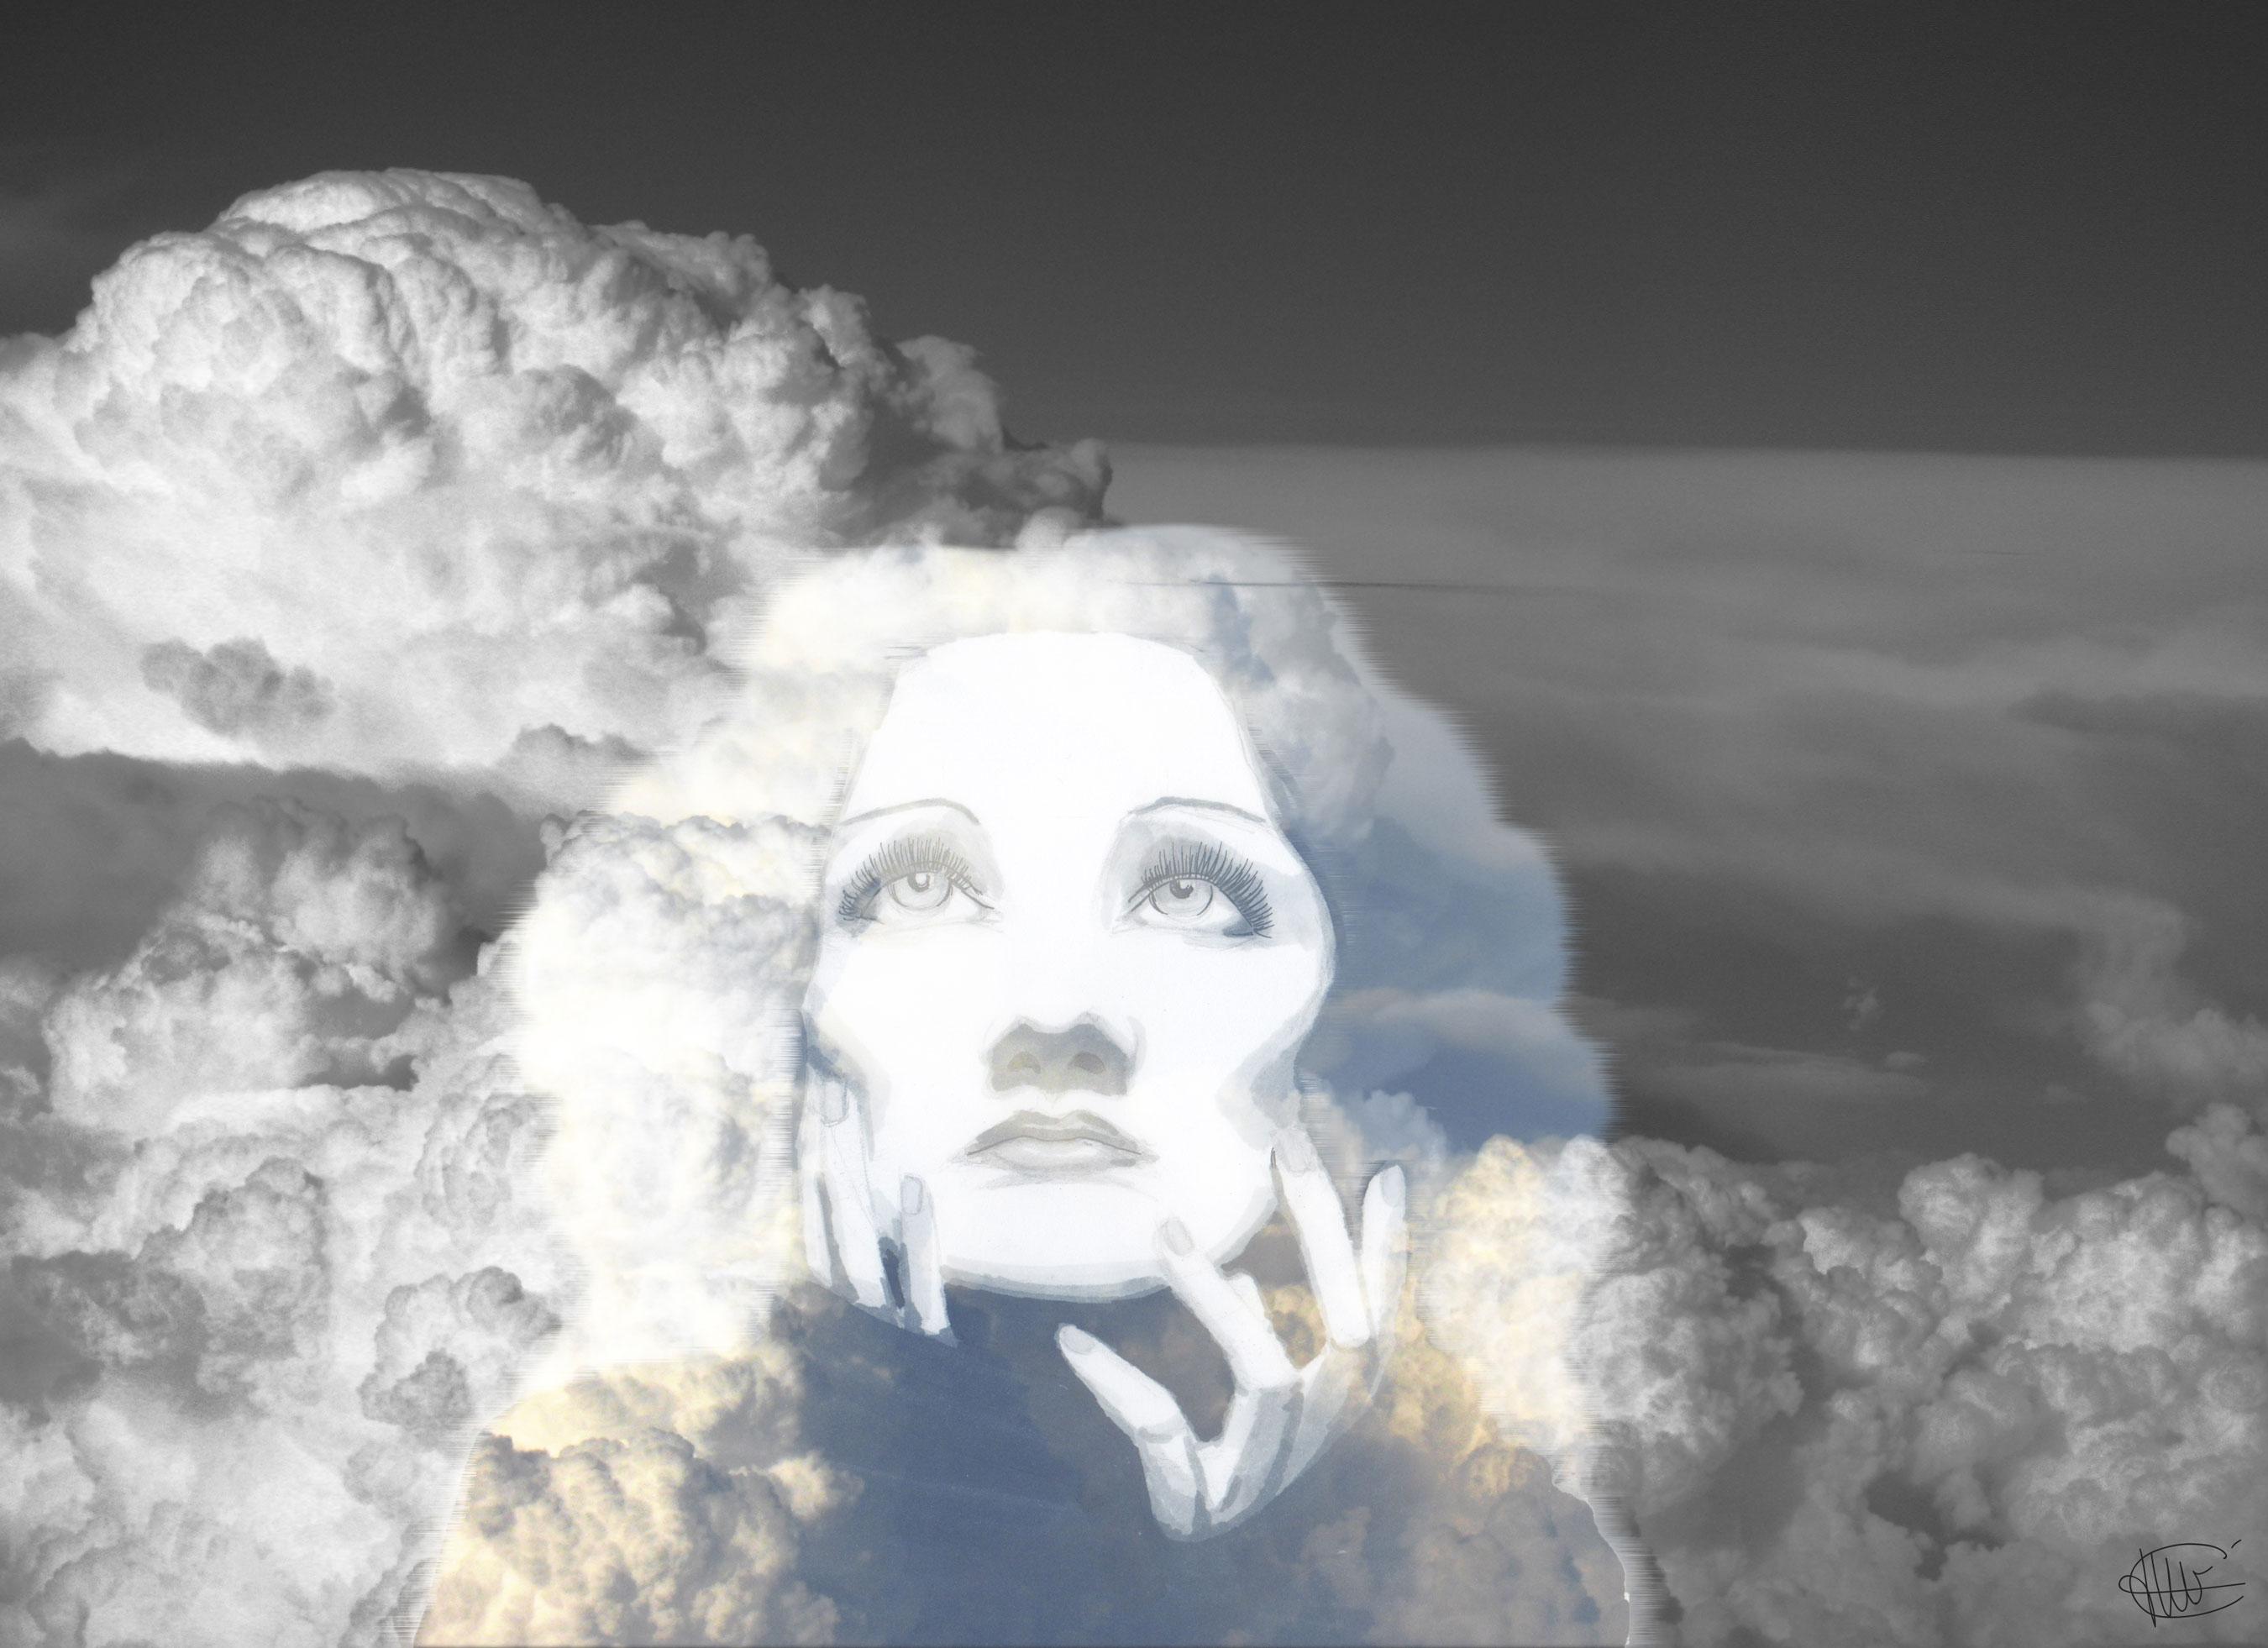 Dessin de Marlene Dietrich monté en double exposition sur un ciel nuageux réalisé par cecile jonquiere - cecile jonquieres